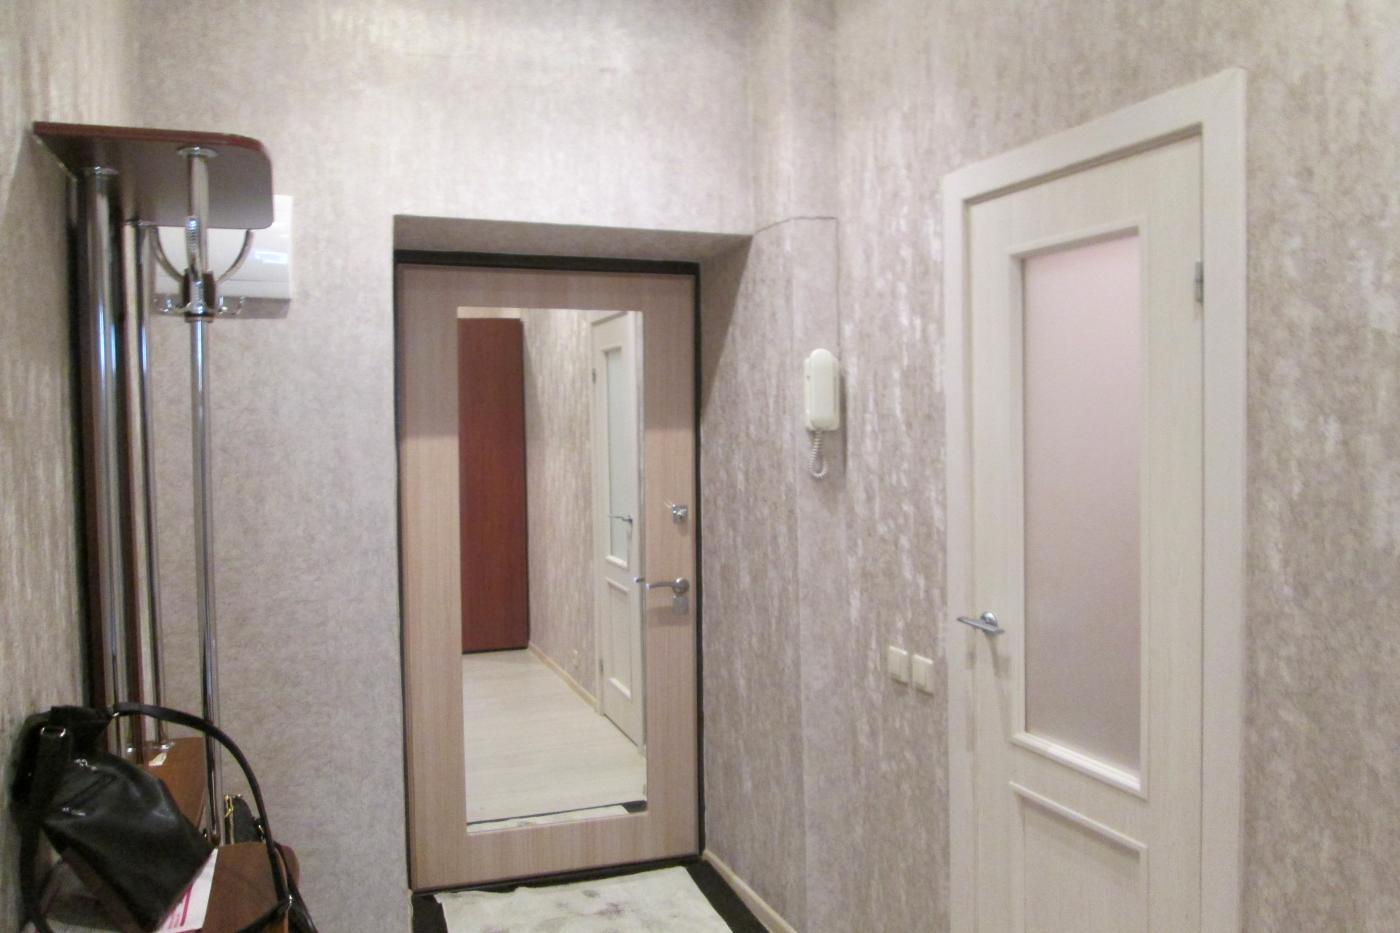 1-комнатная квартира посуточно (вариант № 4486), ул. Плехановская улица, фото № 5